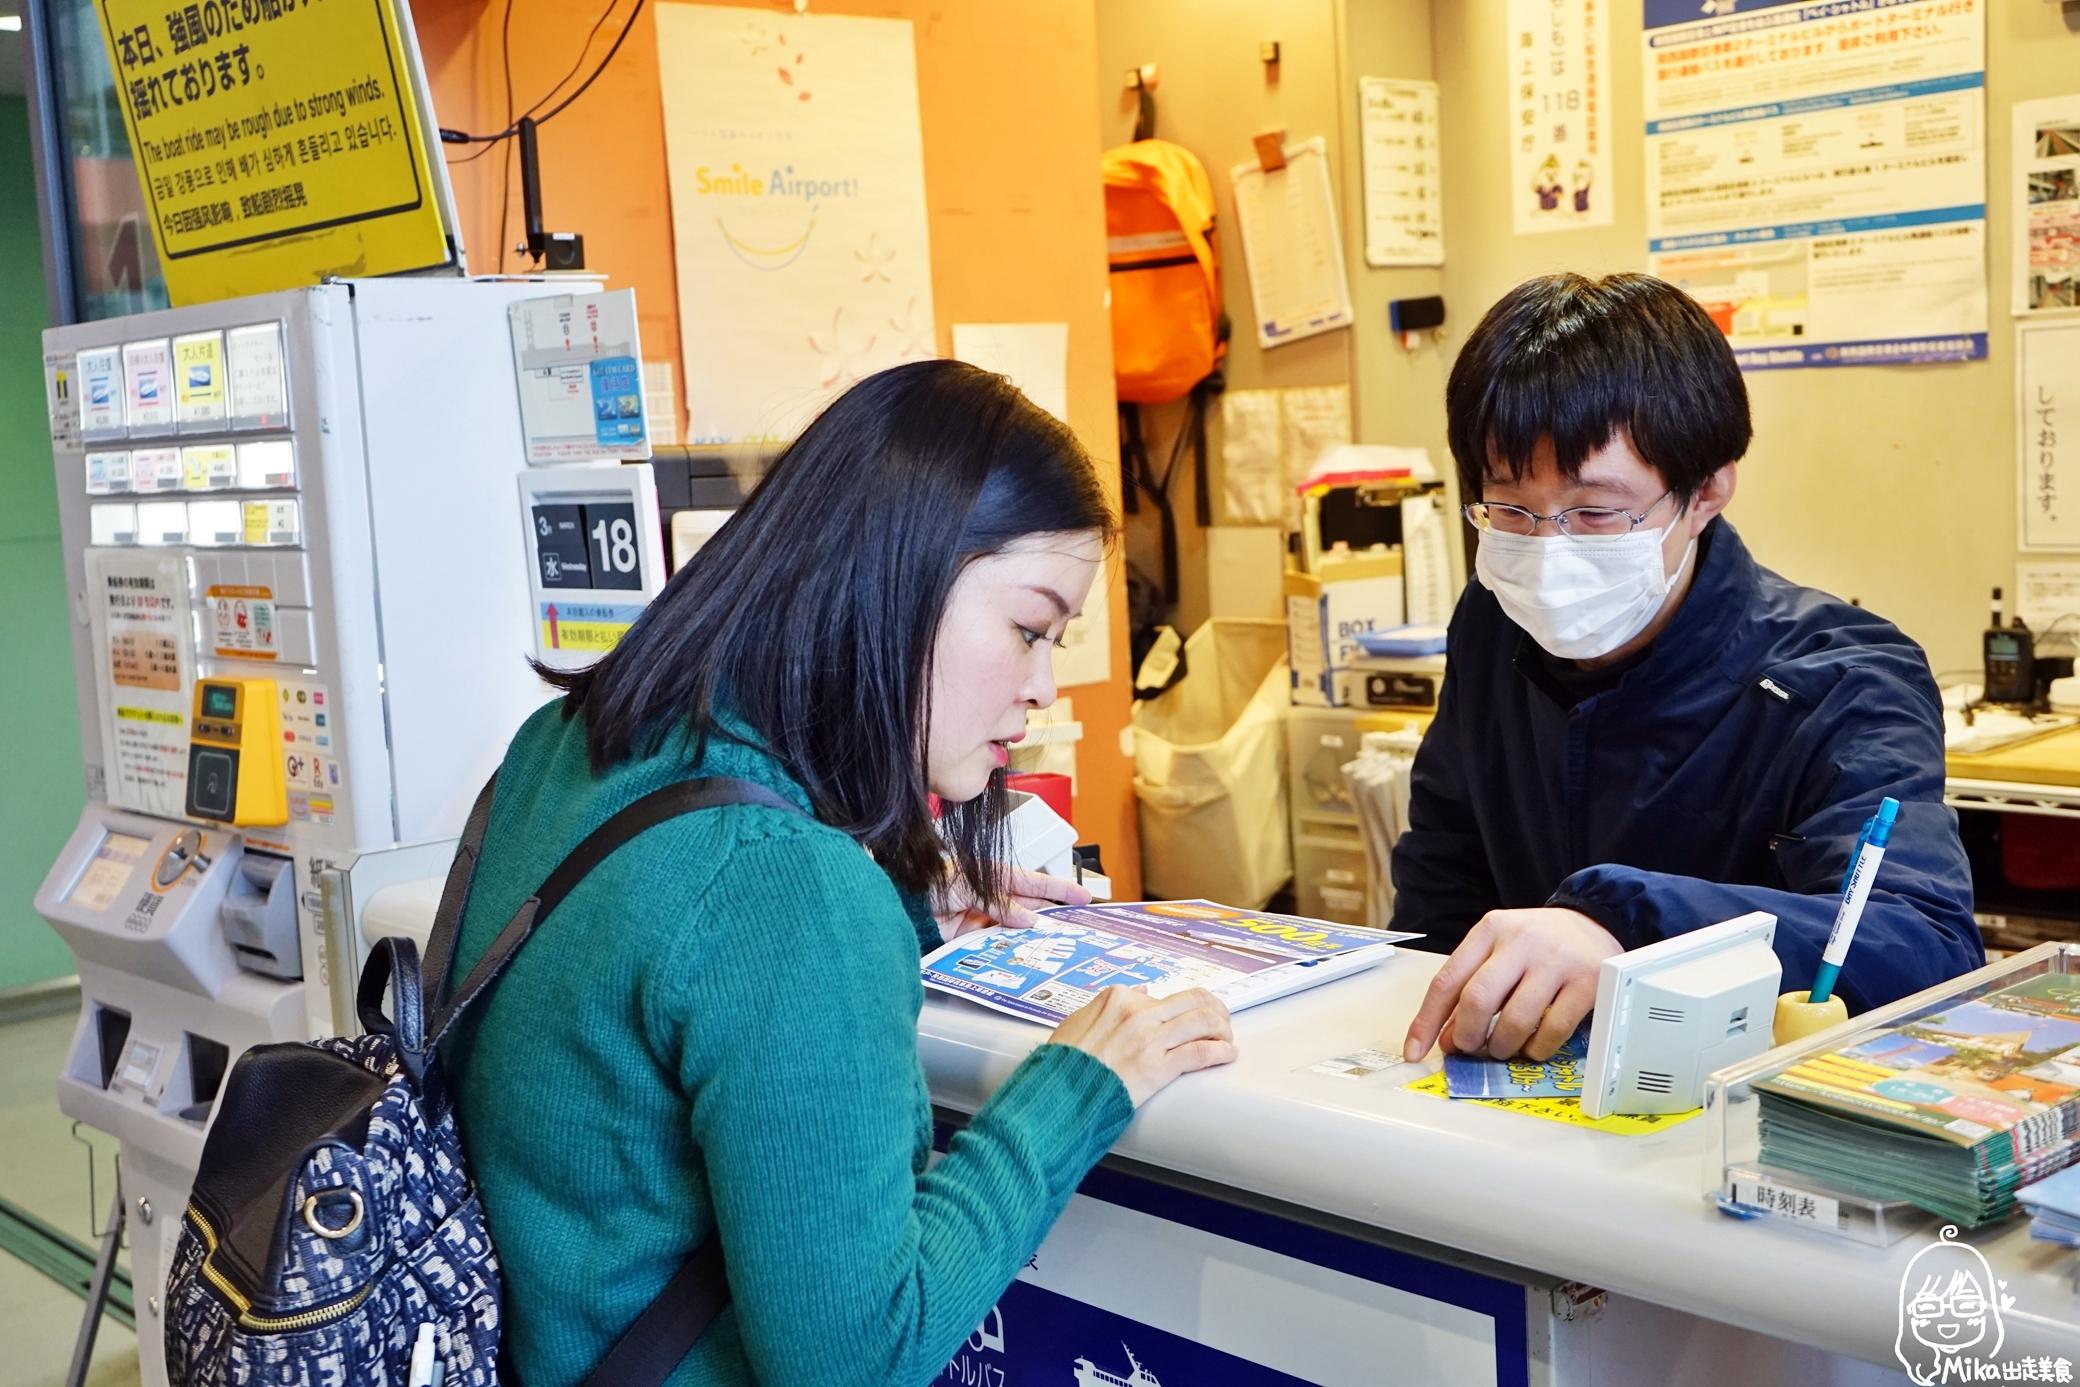 『日本。神戶』 Bay Shuttle 關西機場→神戶海上高速船|抄捷徑走海路  從關西機場到神戶只要30分鐘!優惠國外旅客 單程船資只要日幣500元!超值優惠到2021年3月31日為止。